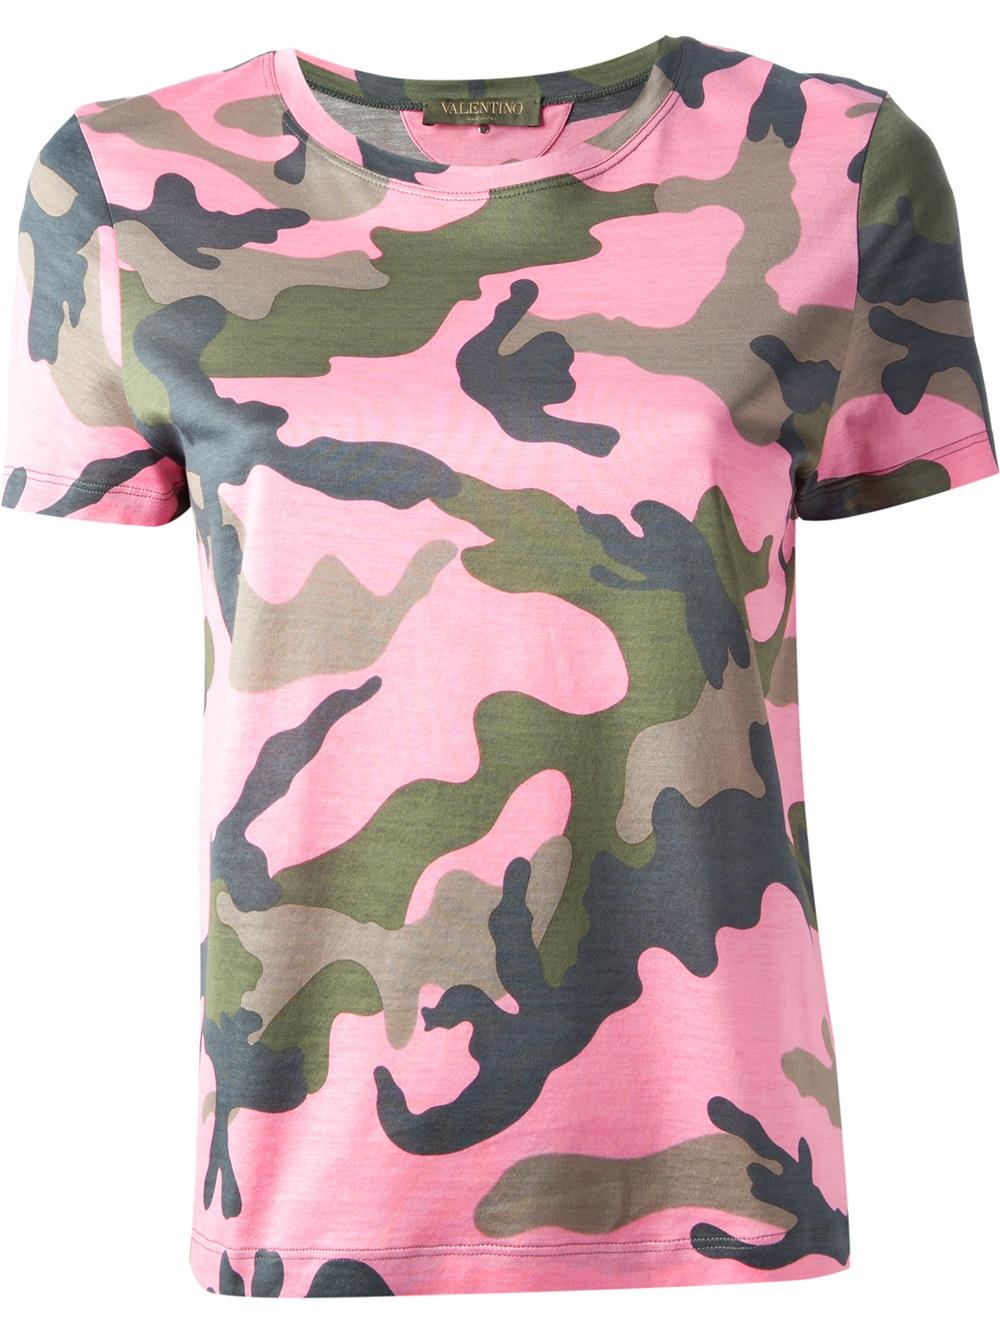 women's camo shirt walmart